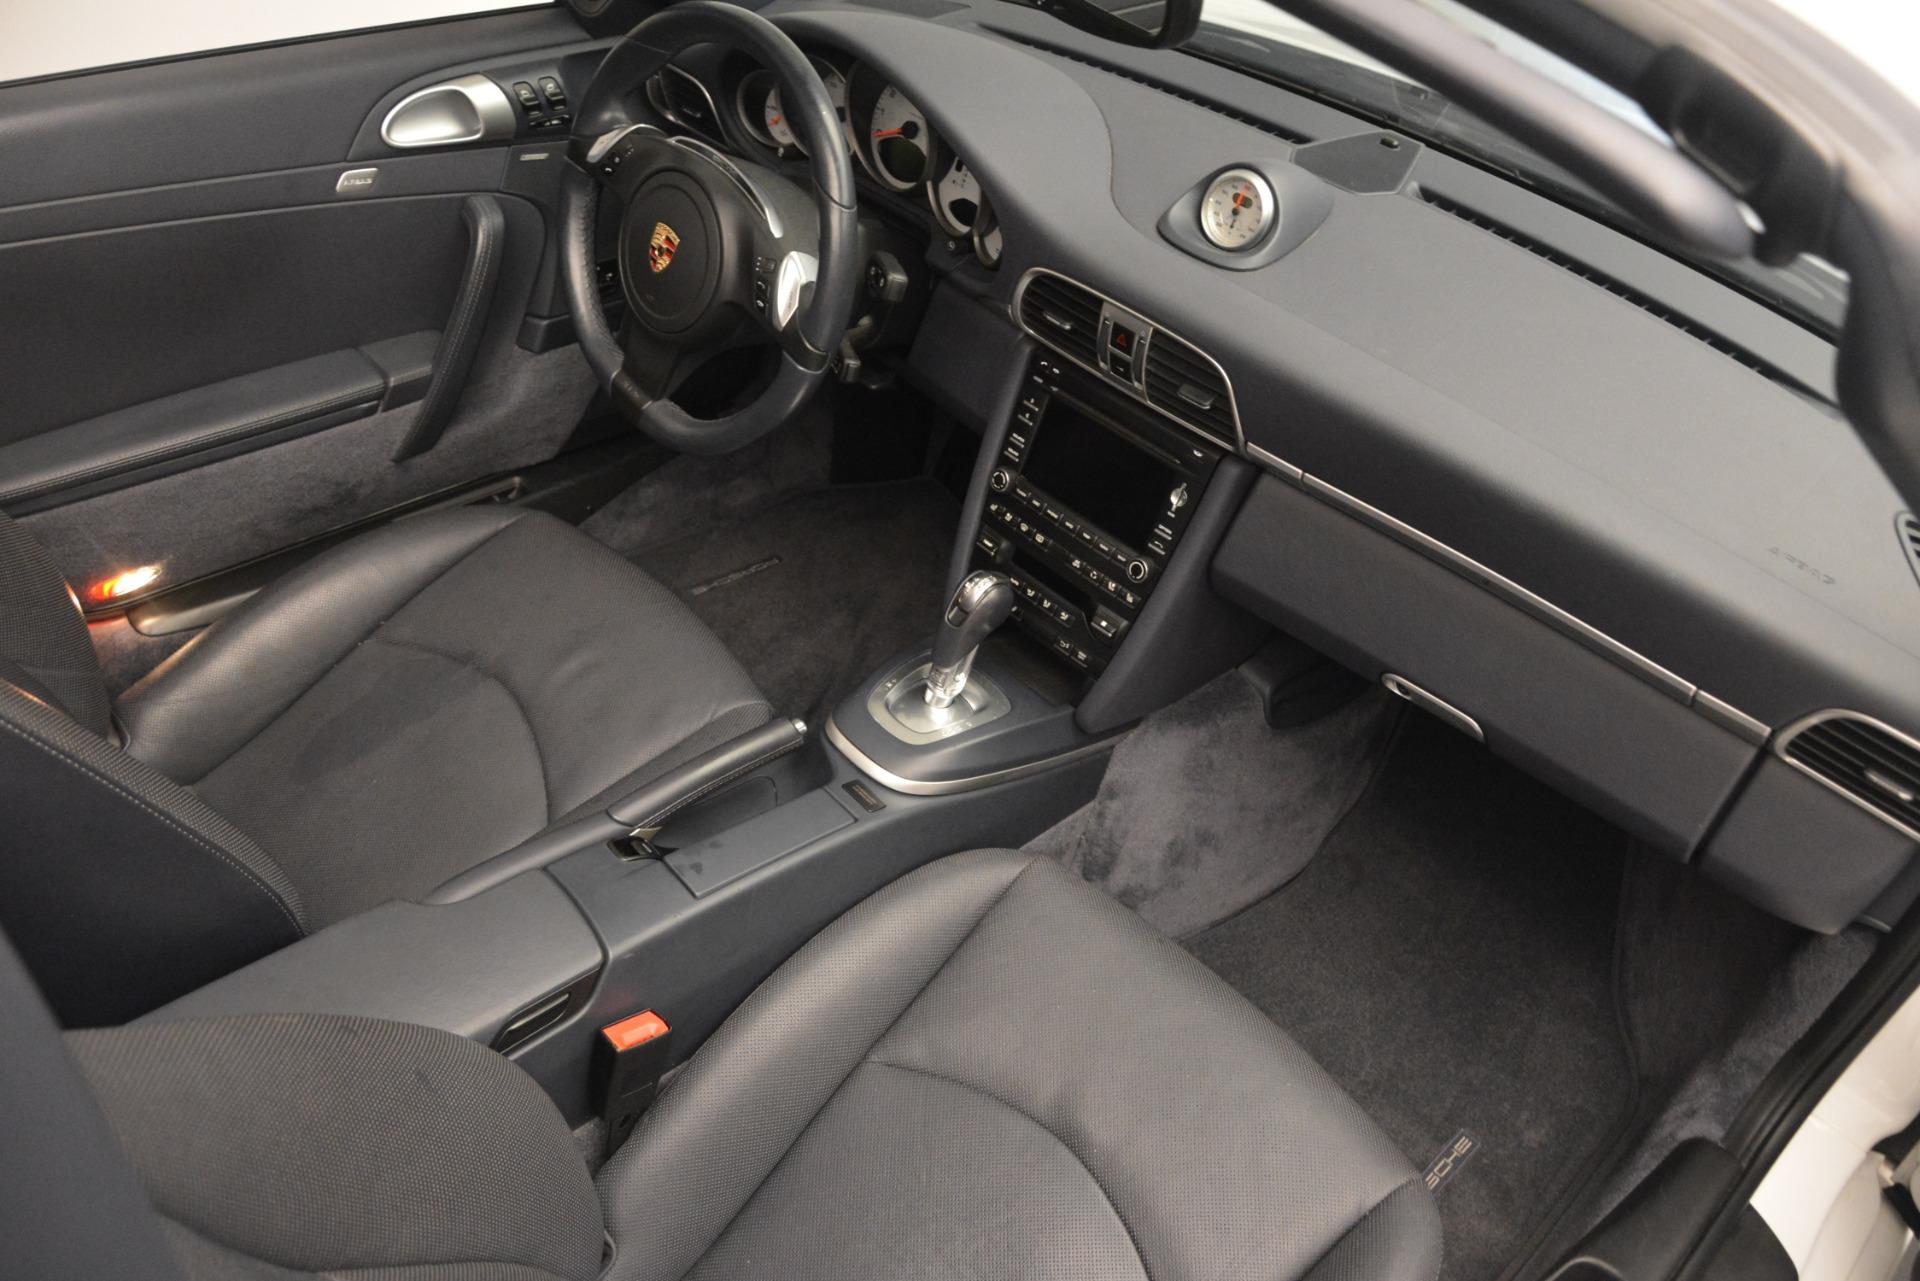 Used 2011 Porsche 911 Carrera 4S For Sale In Westport, CT 2600_p22